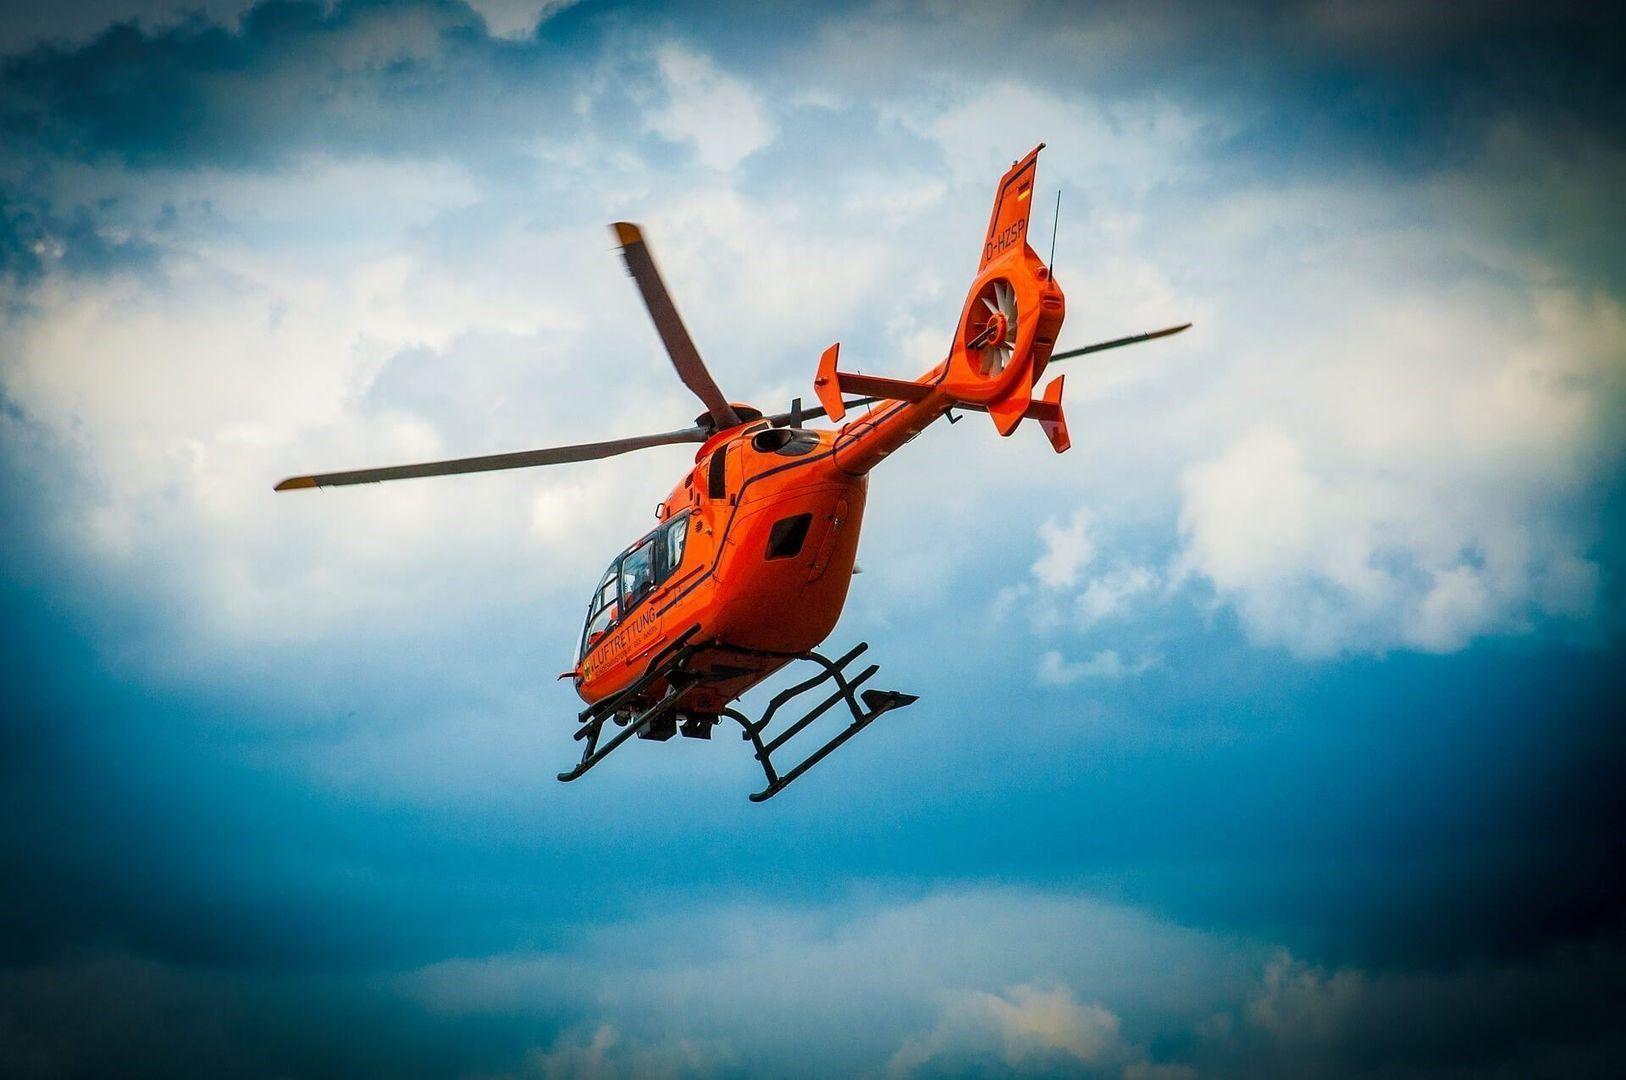 Op het plaatje vliegt een traumahelikopter in de lucht. Als u zeer ernstig gewond raakt bij een bedrijfsongeval, wordt naast een ambulance ook een traumahelikopter ingeschakeld.